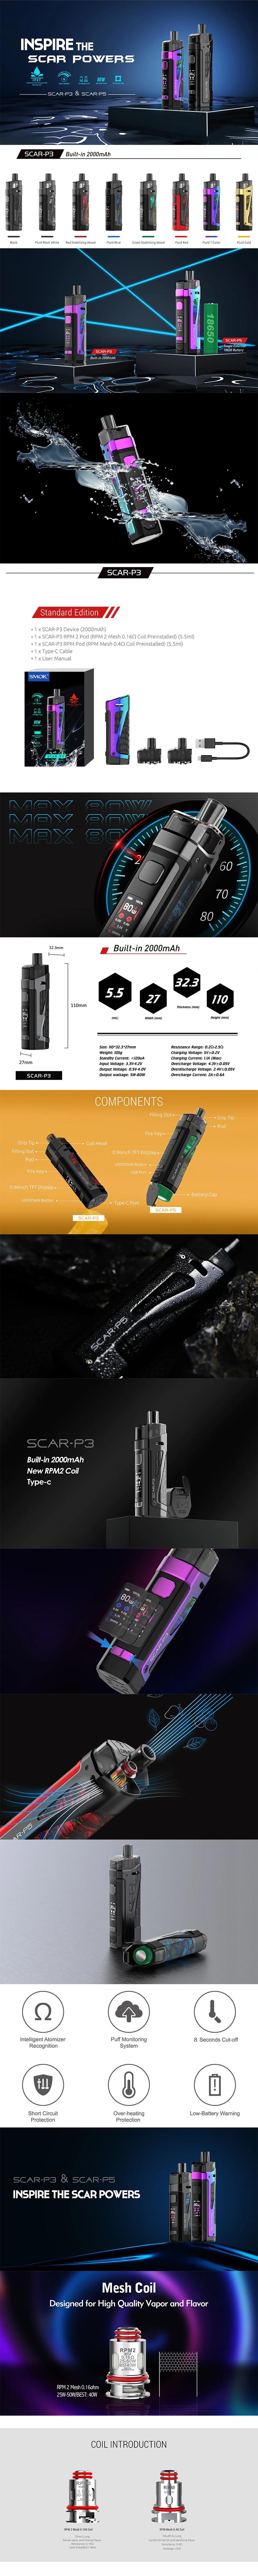 SMOK SCAR-P3 80W